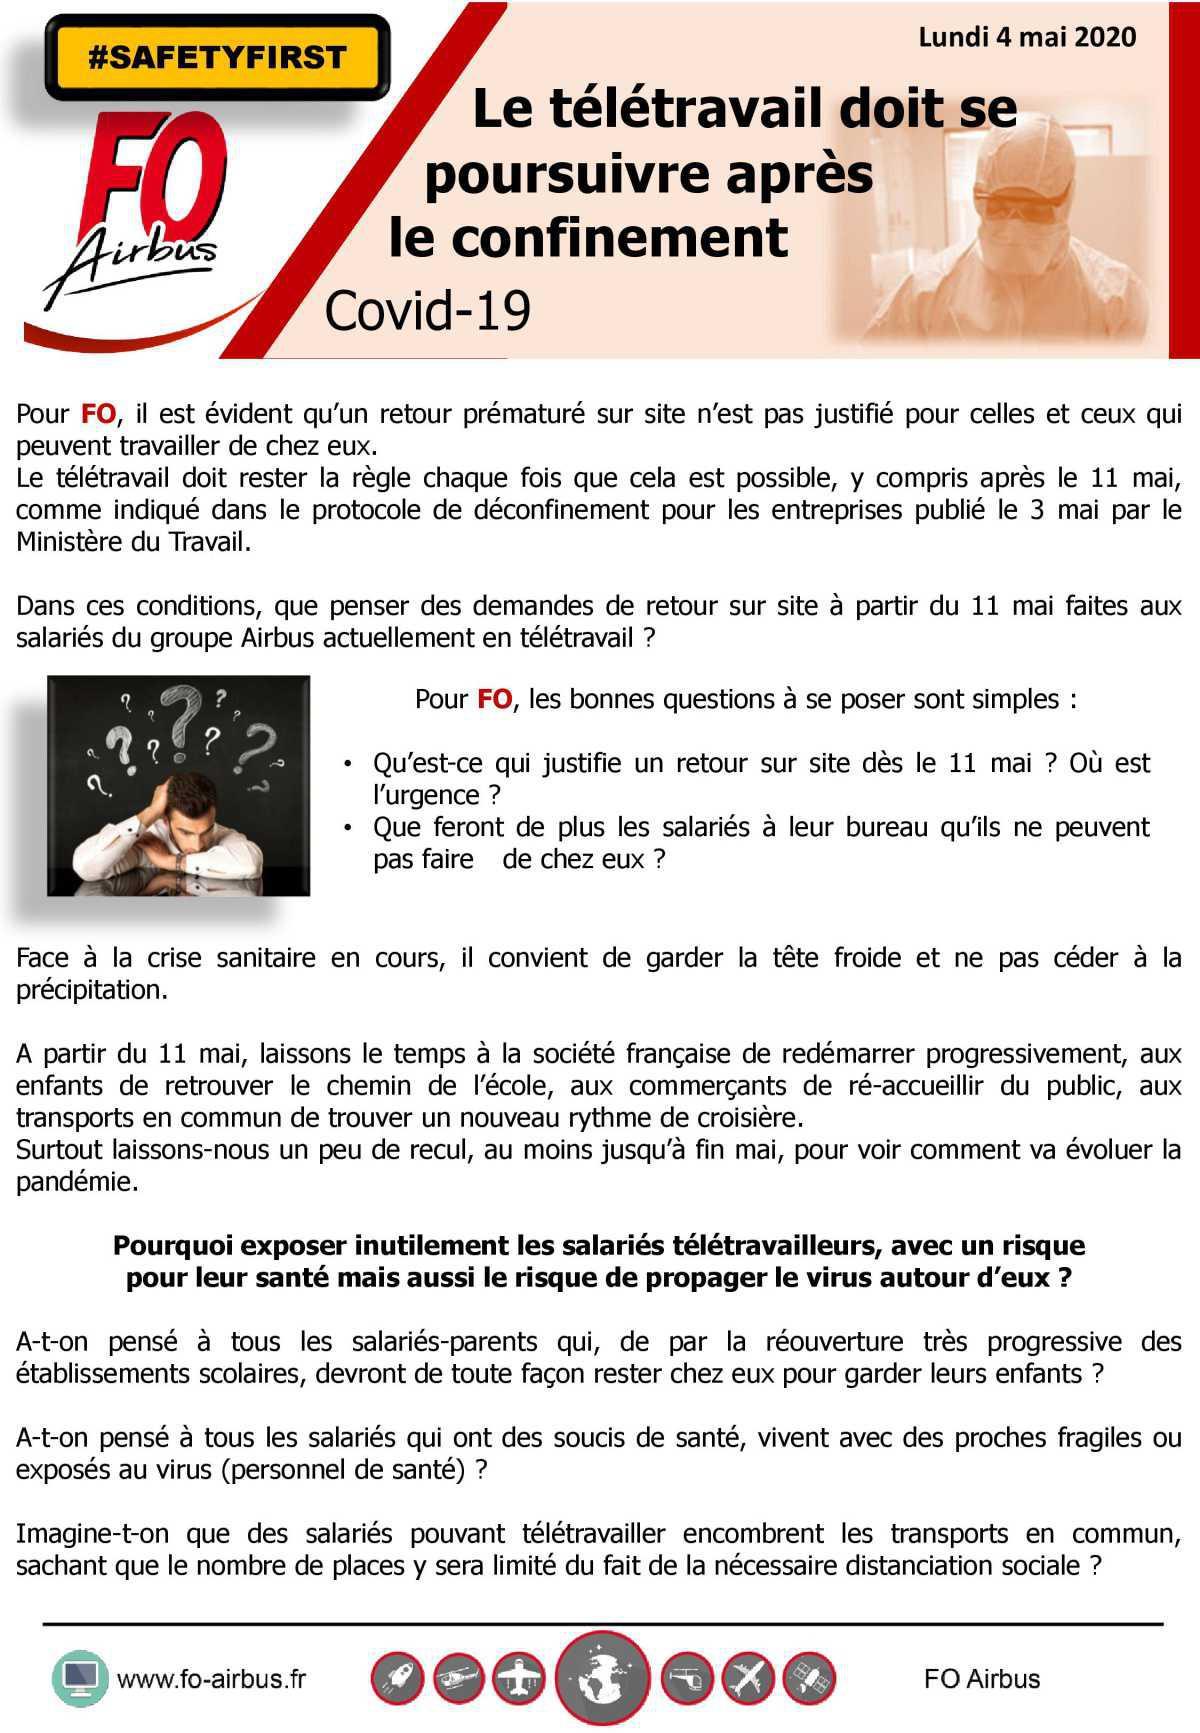 Le télétravail doit continuer après le confinement - COVID 19